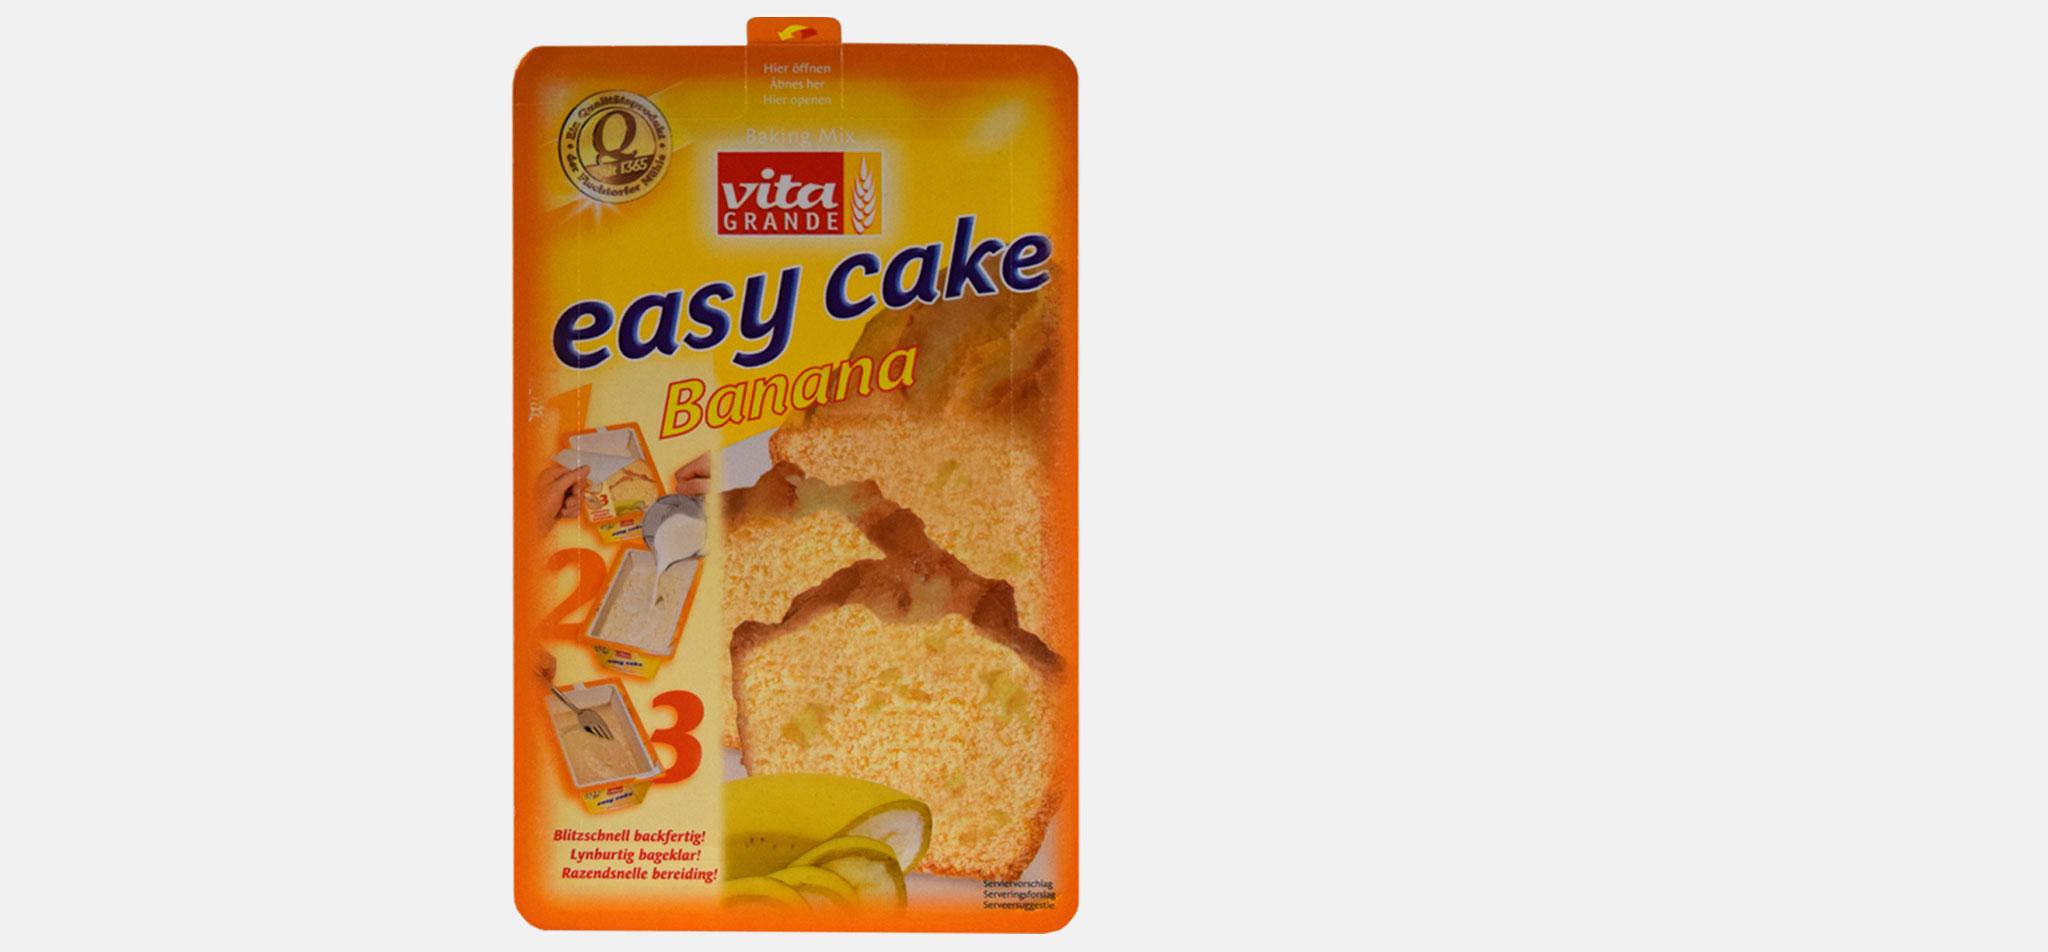 FLECHTORFER MÜHLE | verpackung vita grande easy cake – infragrau, gute gestaltung